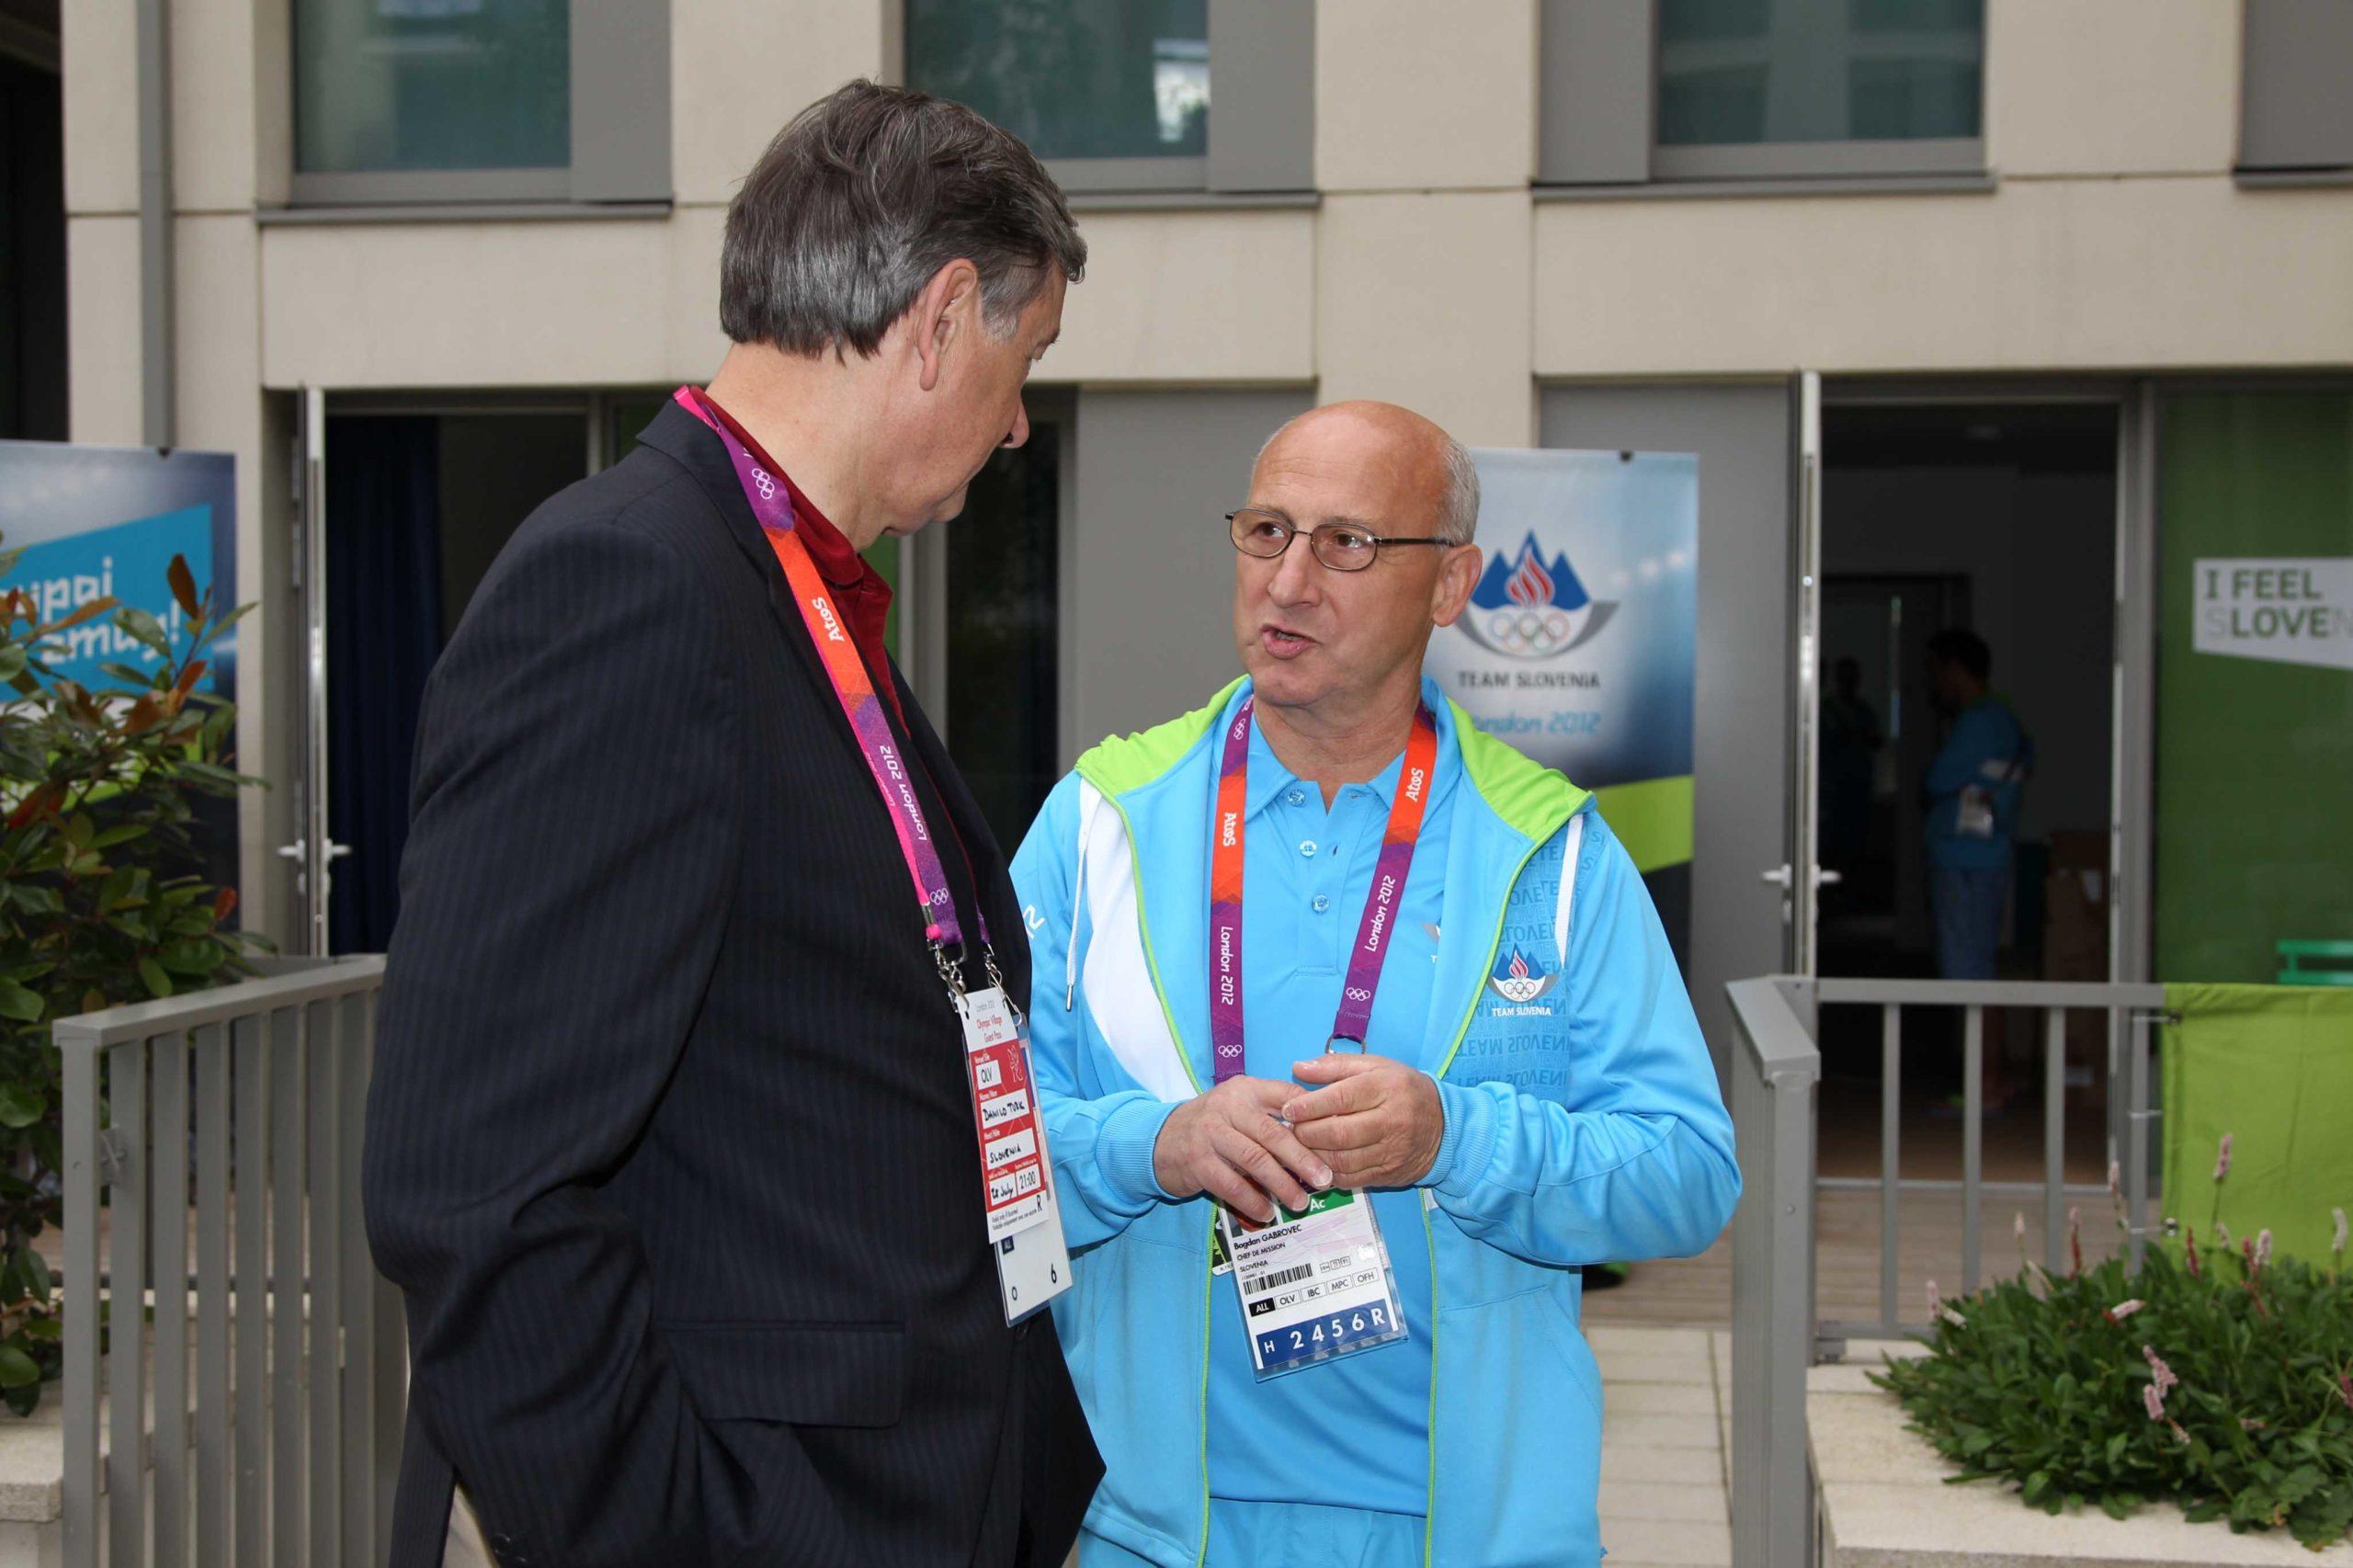 Comitê Olímpico da Eslovênia publica carta pedindo adiamento da Olimpíada de Tóquio